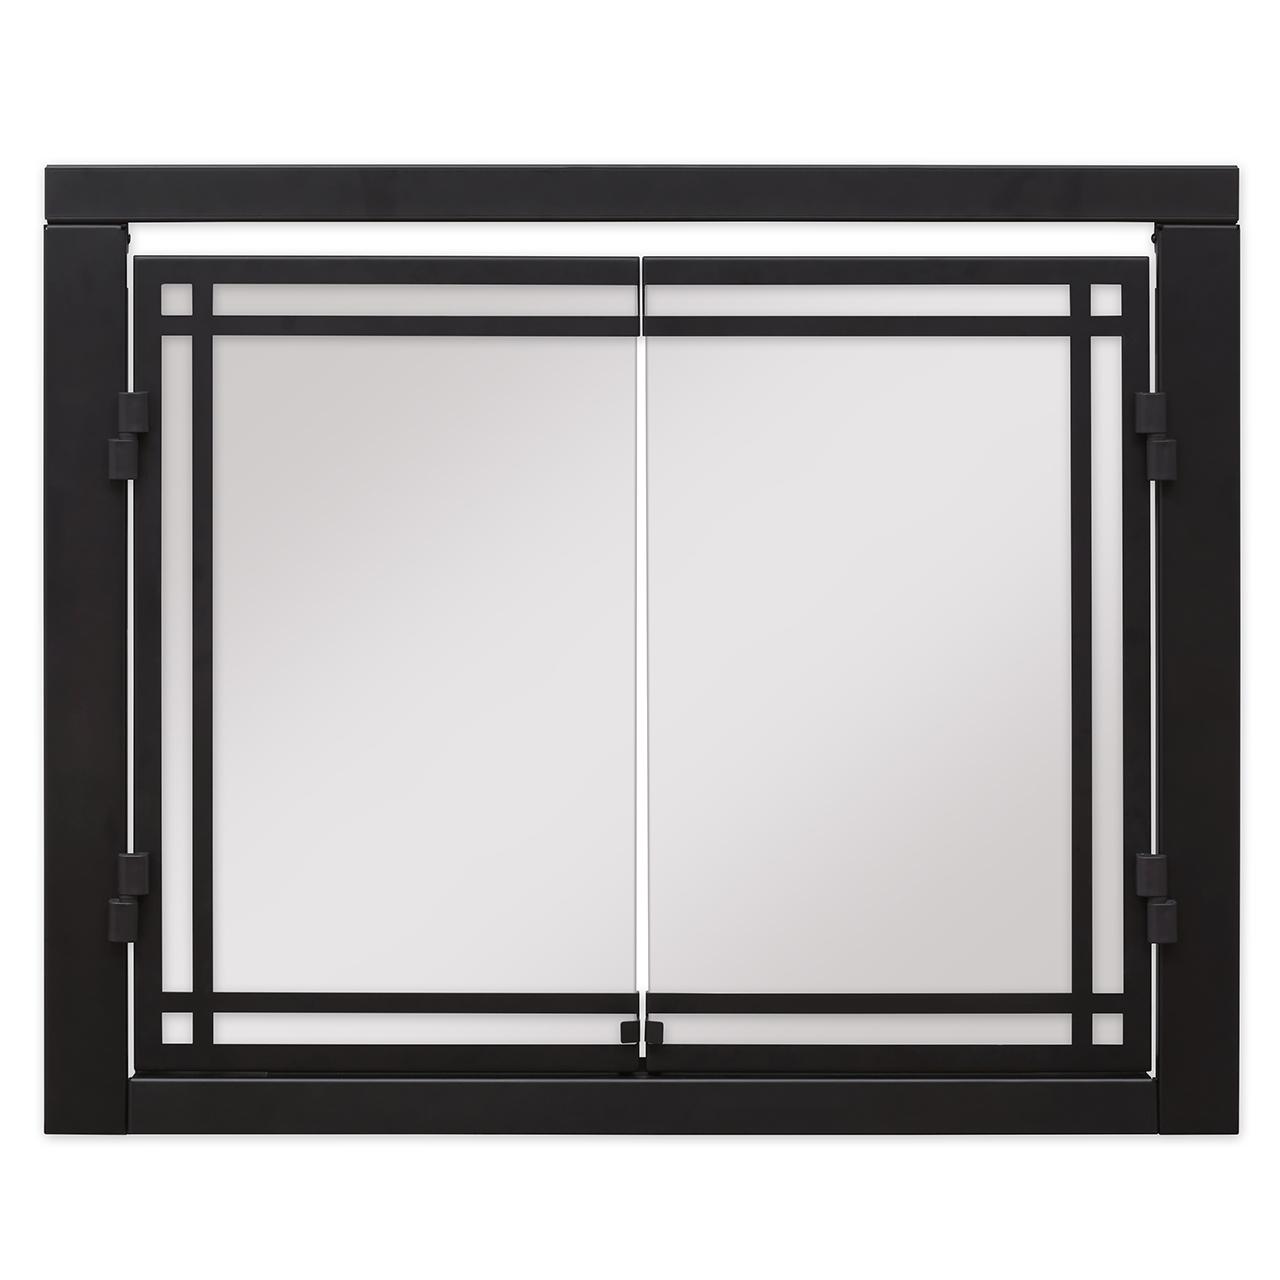 rbfdoor30-rbfdoor-front-1280.jpg